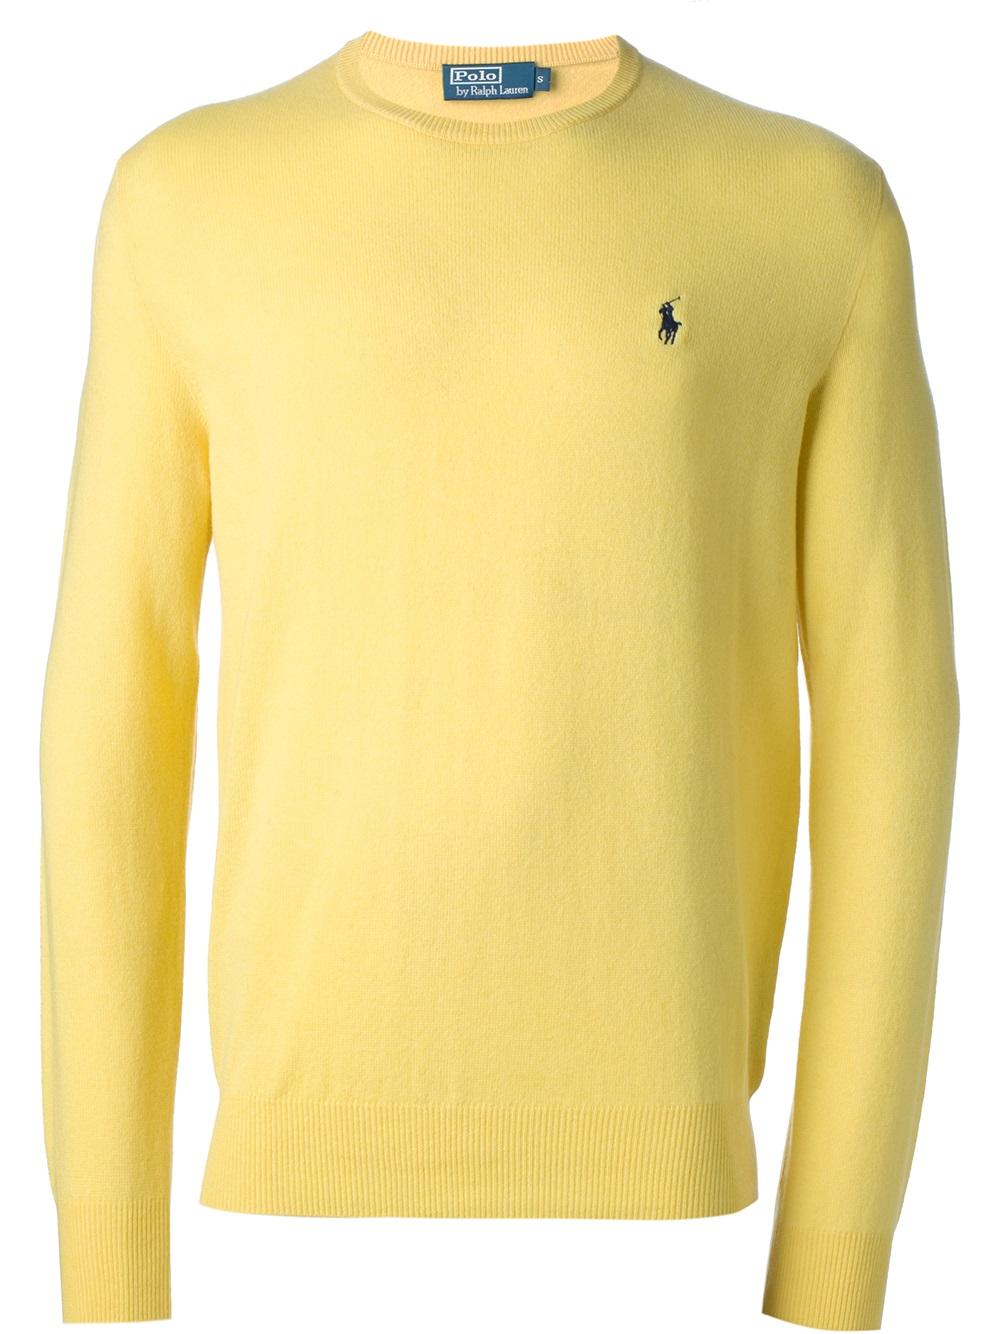 Polo ralph lauren Crew Neck Sweater in Yellow for Men | Lyst